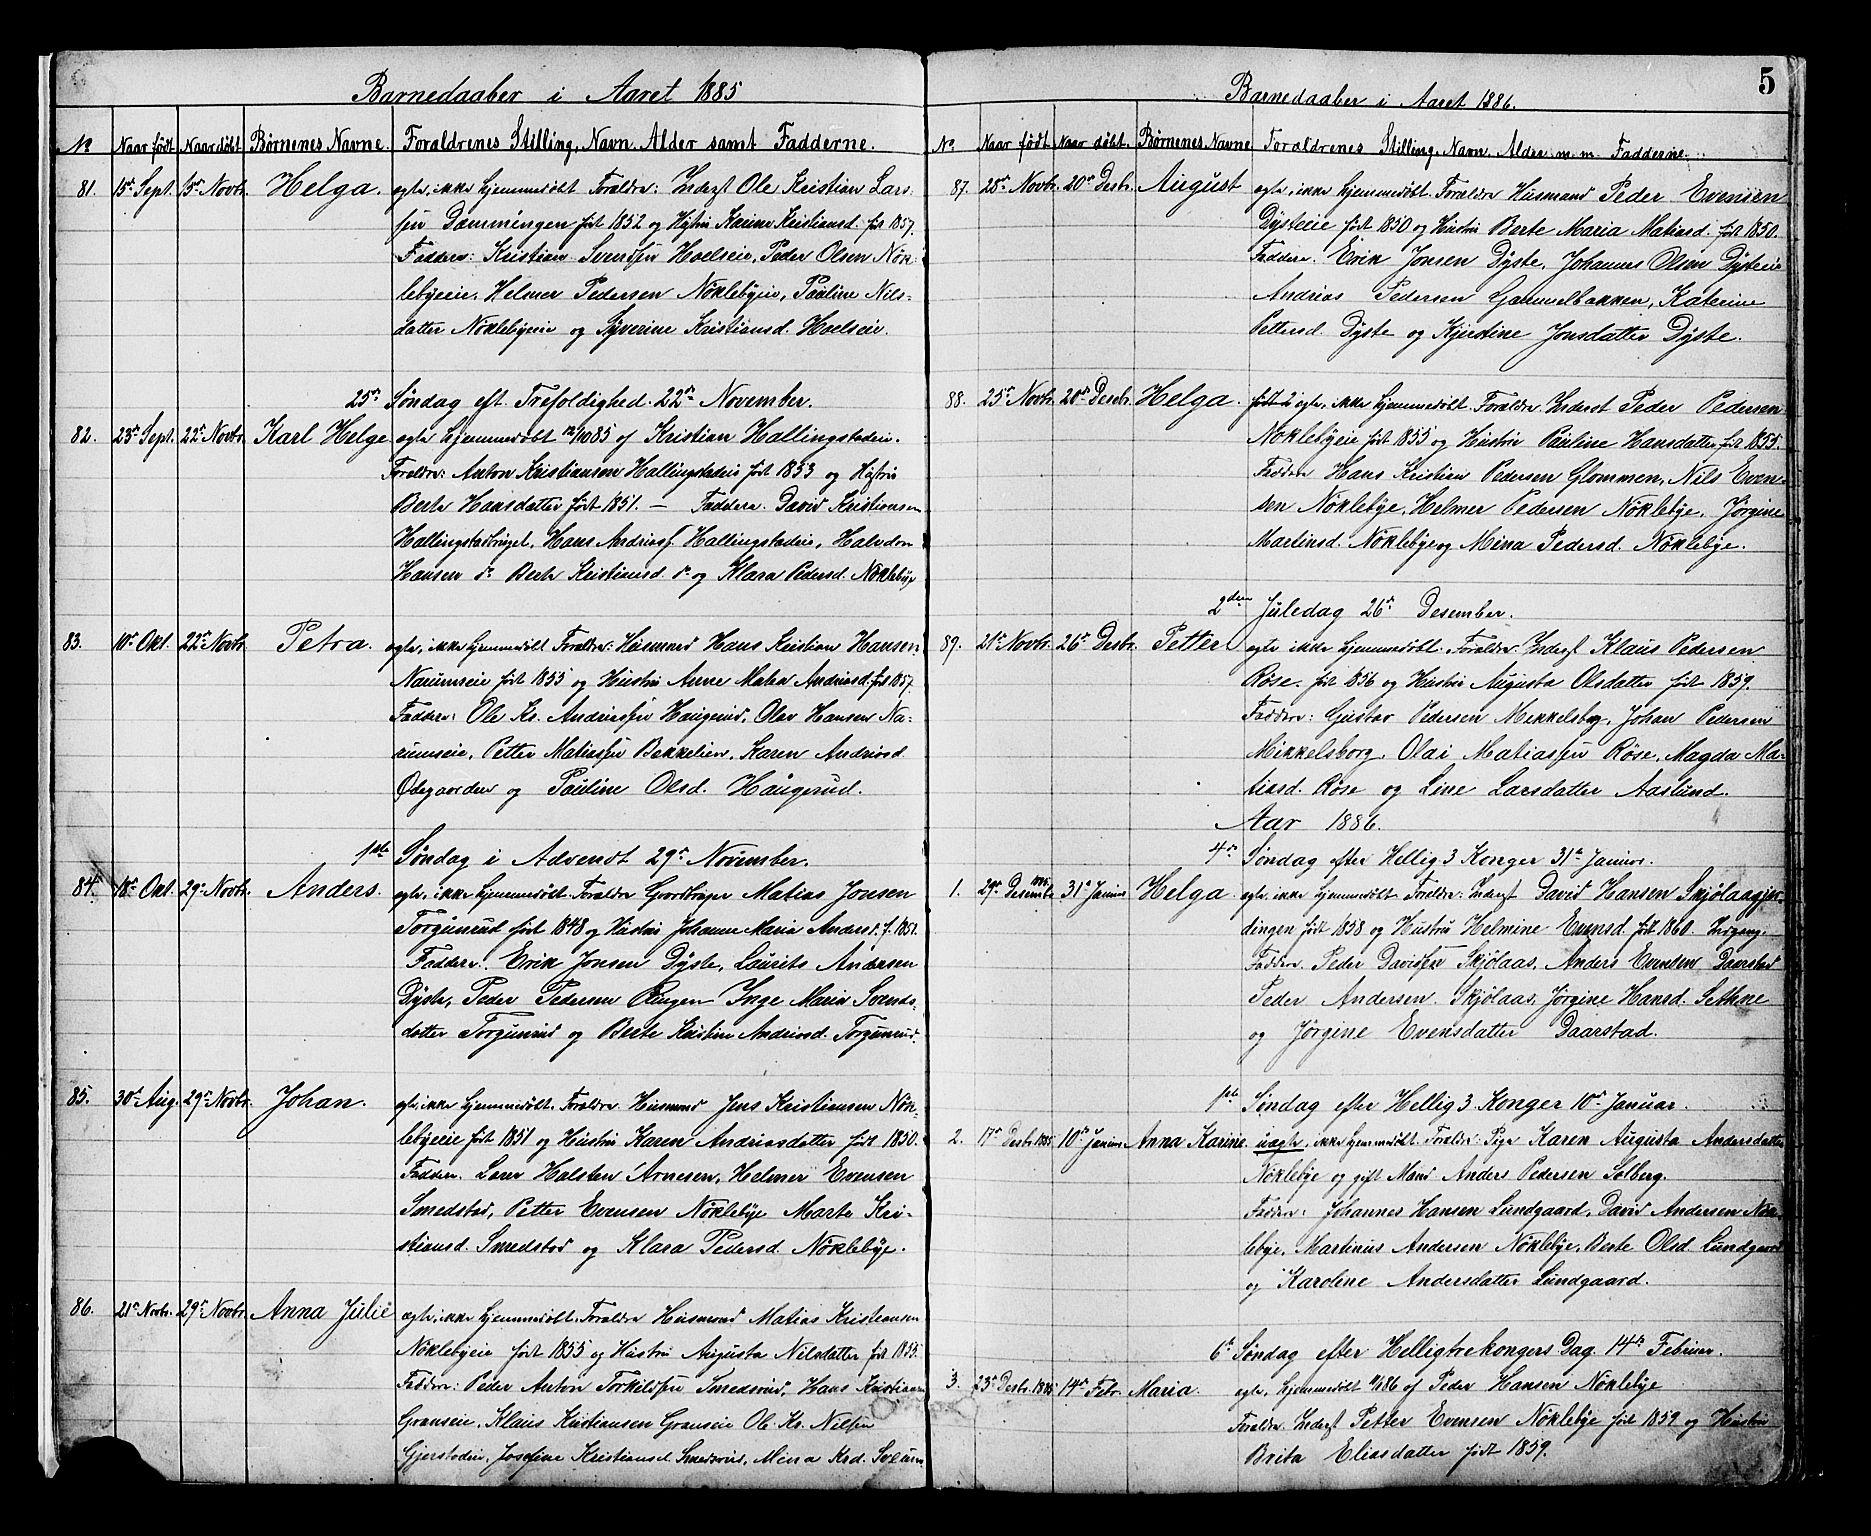 SAH, Vestre Toten prestekontor, Klokkerbok nr. 8, 1885-1900, s. 5